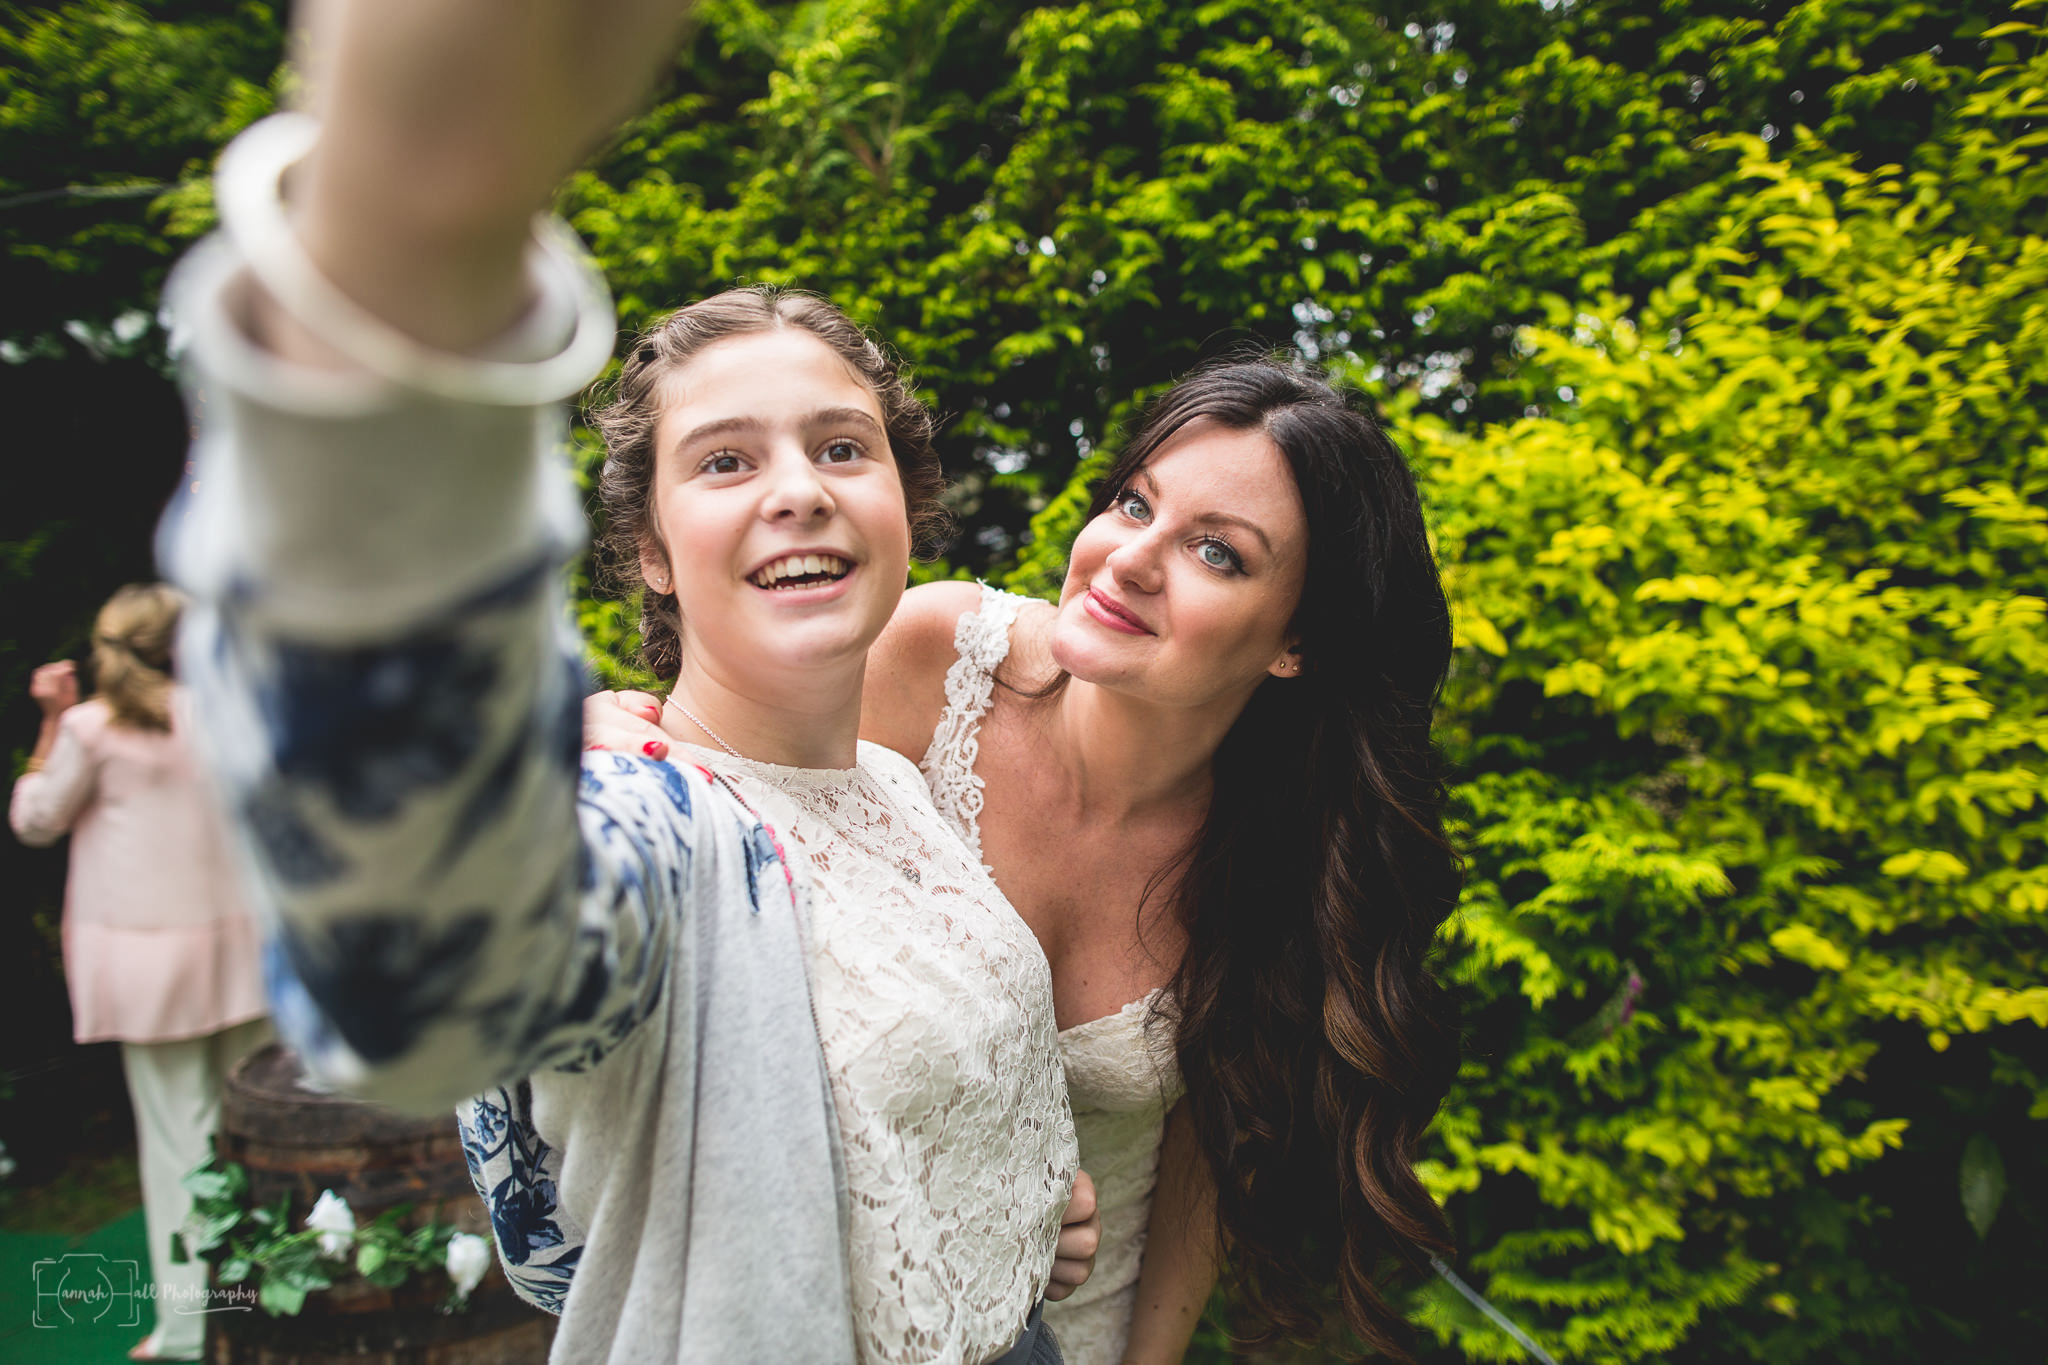 hhp-back-garden-wedding-52